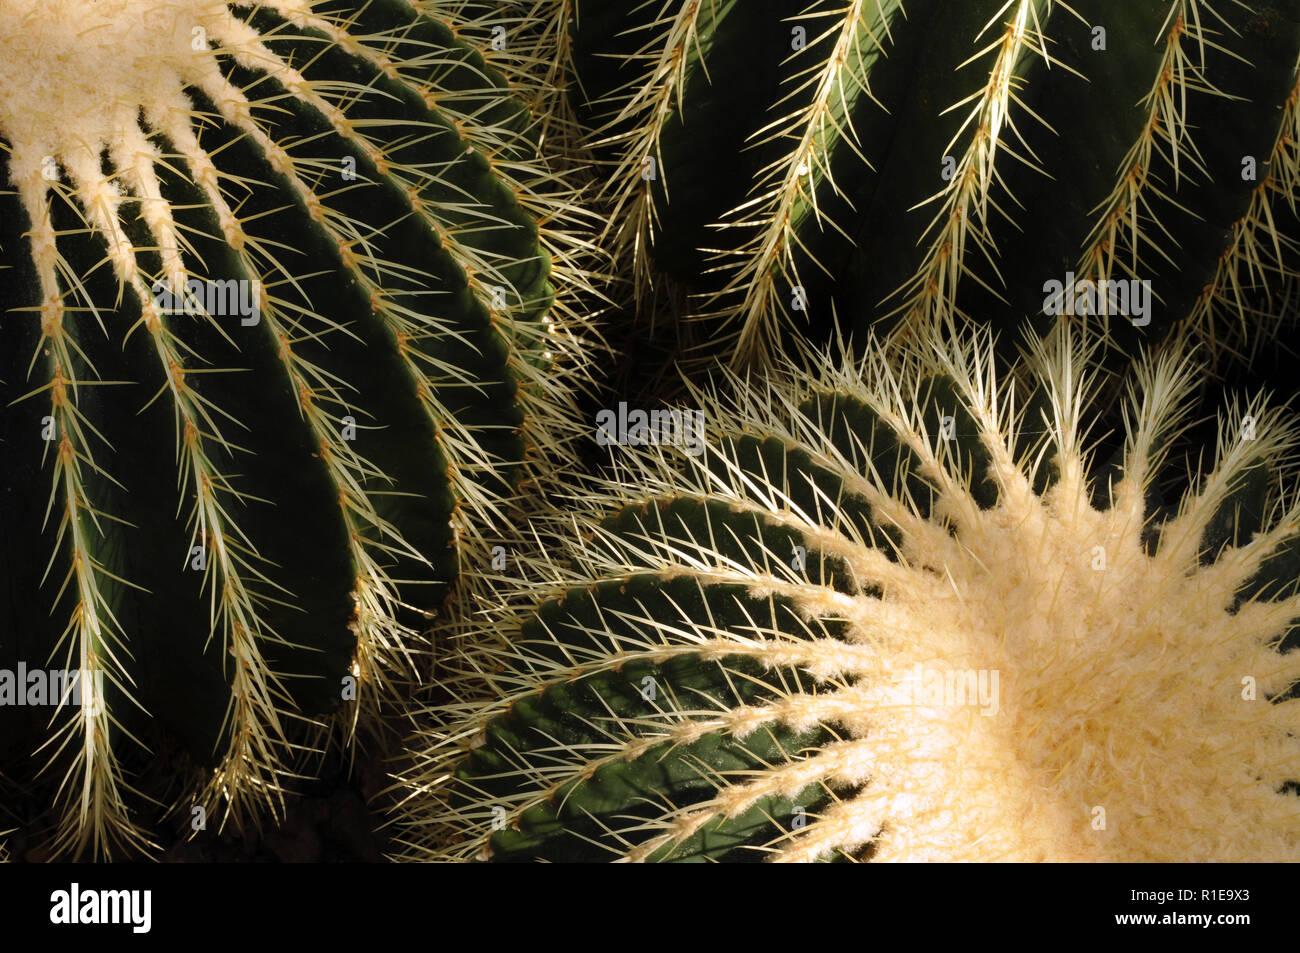 Il golden barrel cactus, Echinocactus grusonii, è nativo di Messico ma comunemente è cresciuto come un deserto decorativi o a basso contenuto di acqua da giardino di piante di accento. Immagini Stock